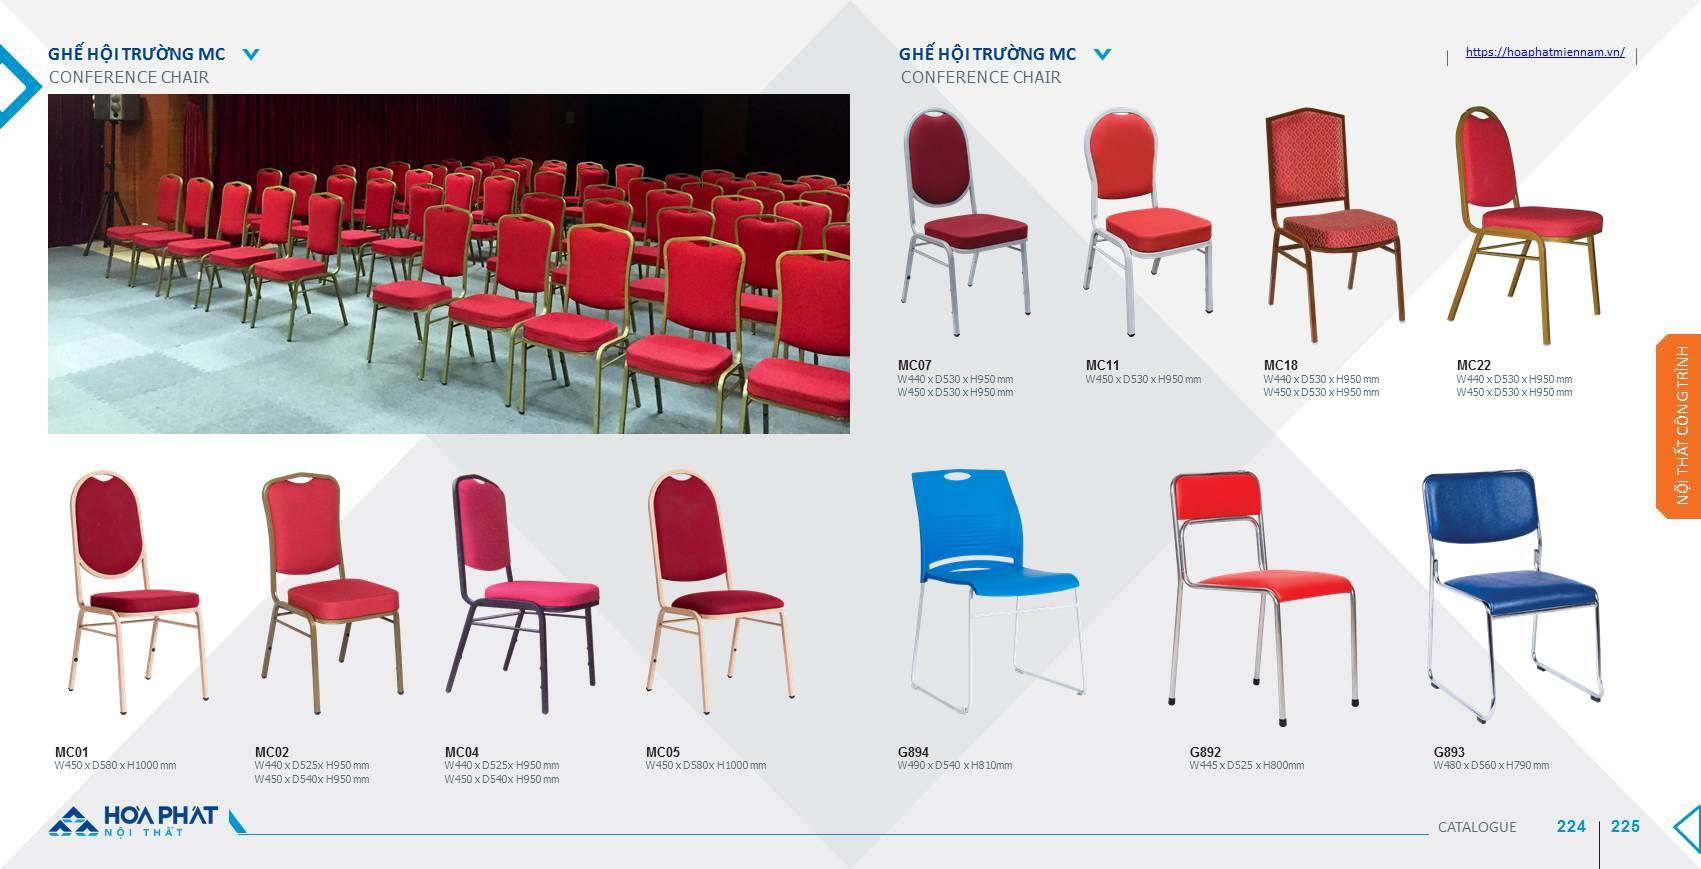 Catalogue ghế hội trường Hòa Phát